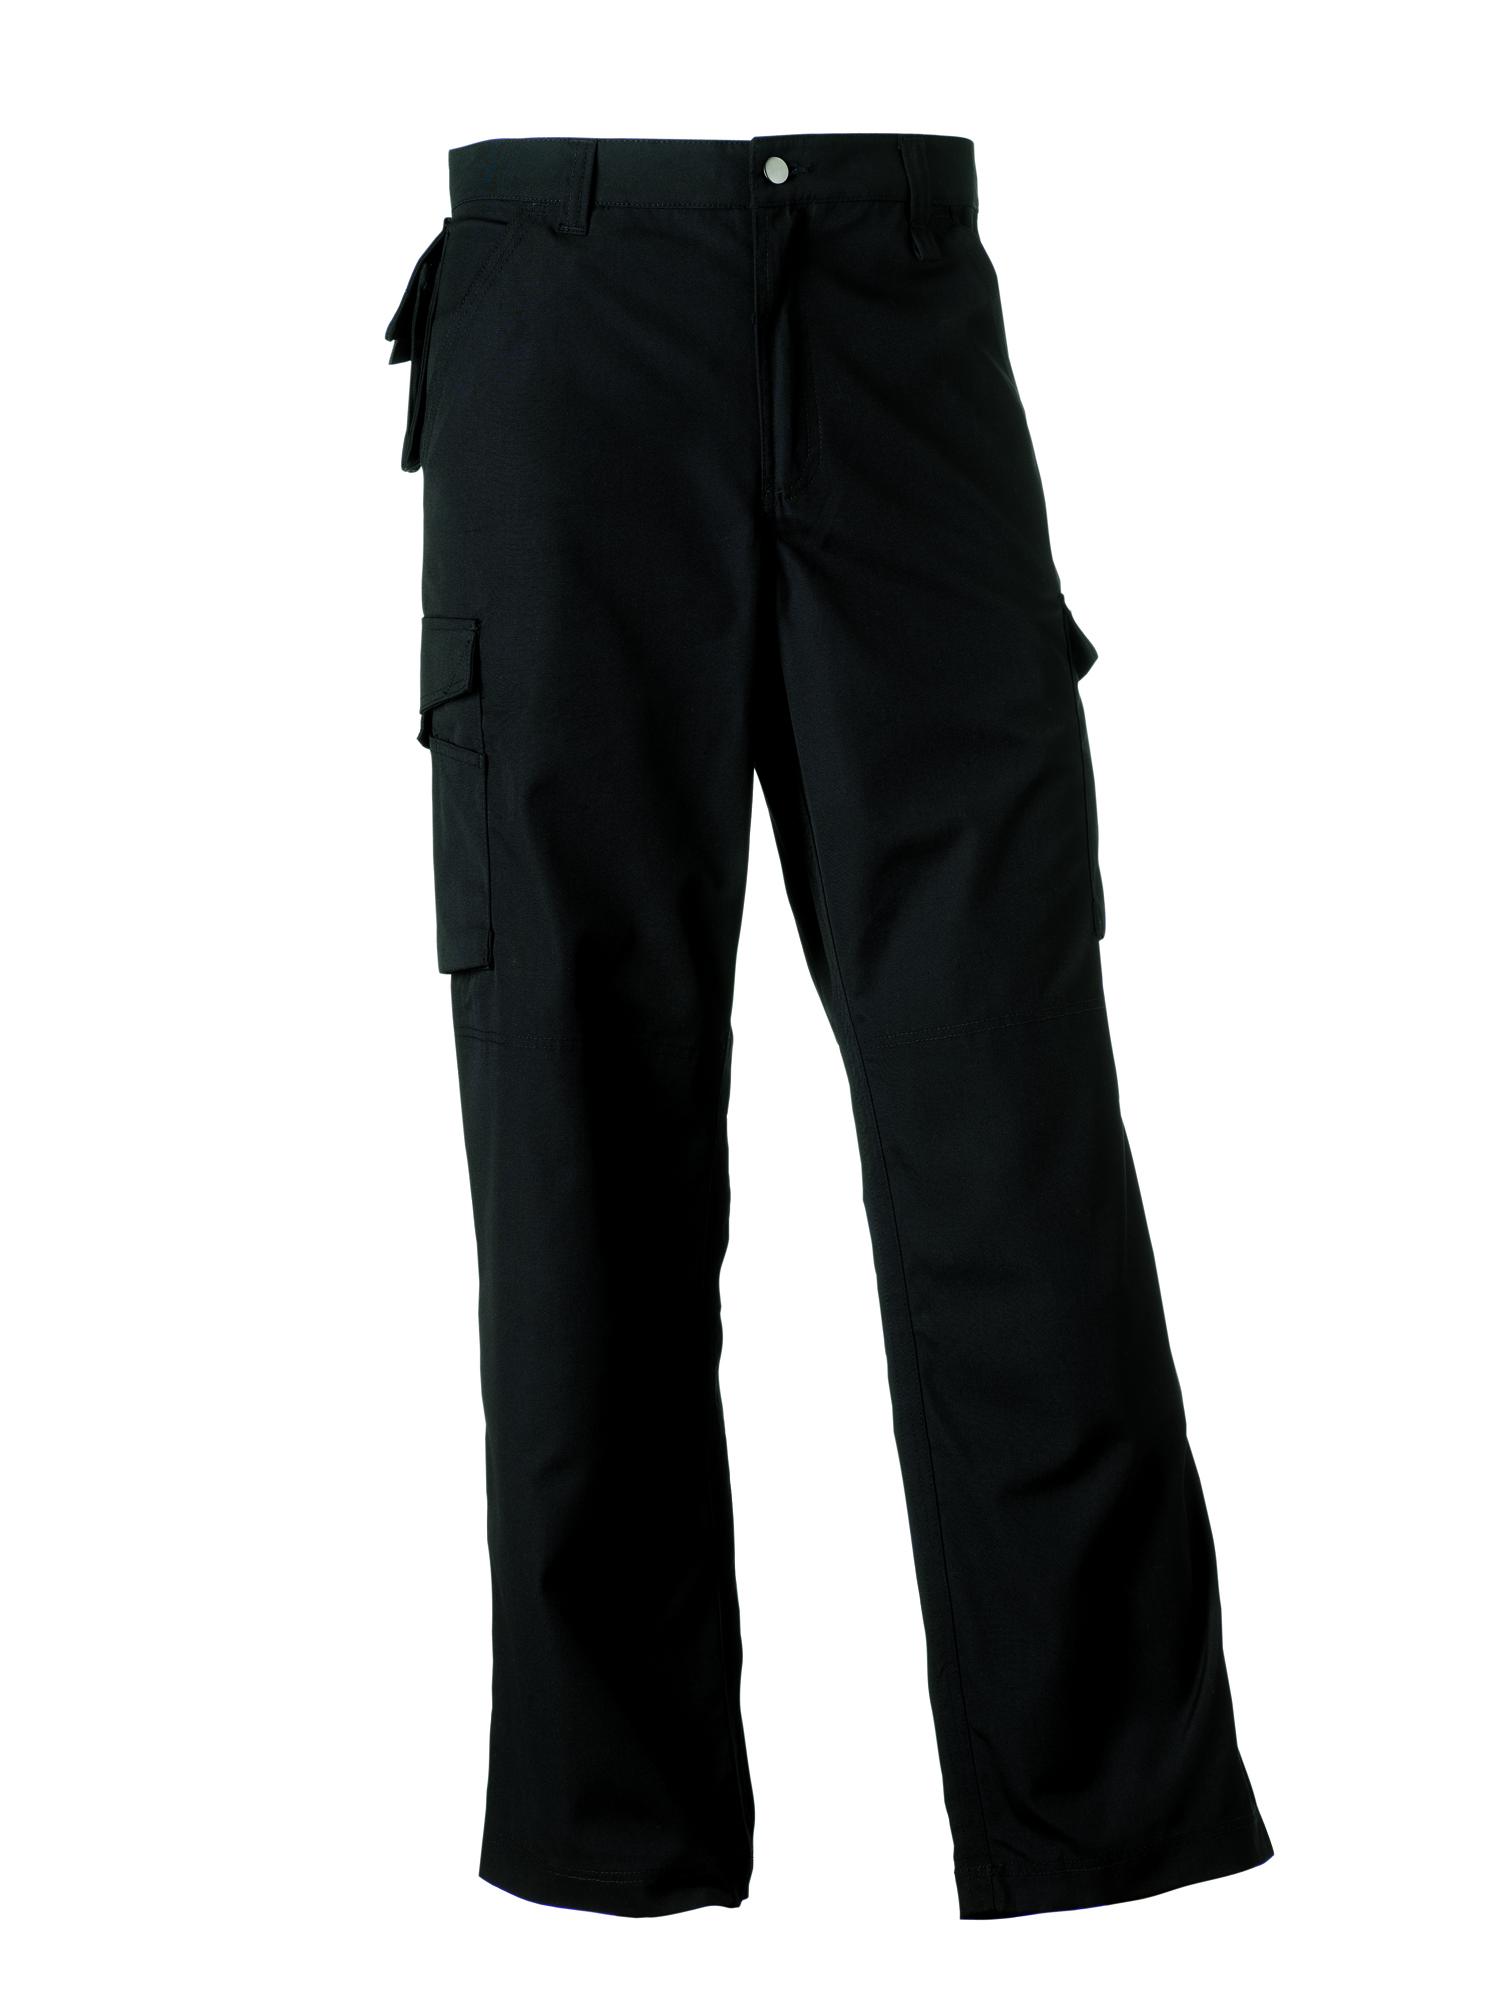 Heavy Duty Trousers  - Black - 48-34